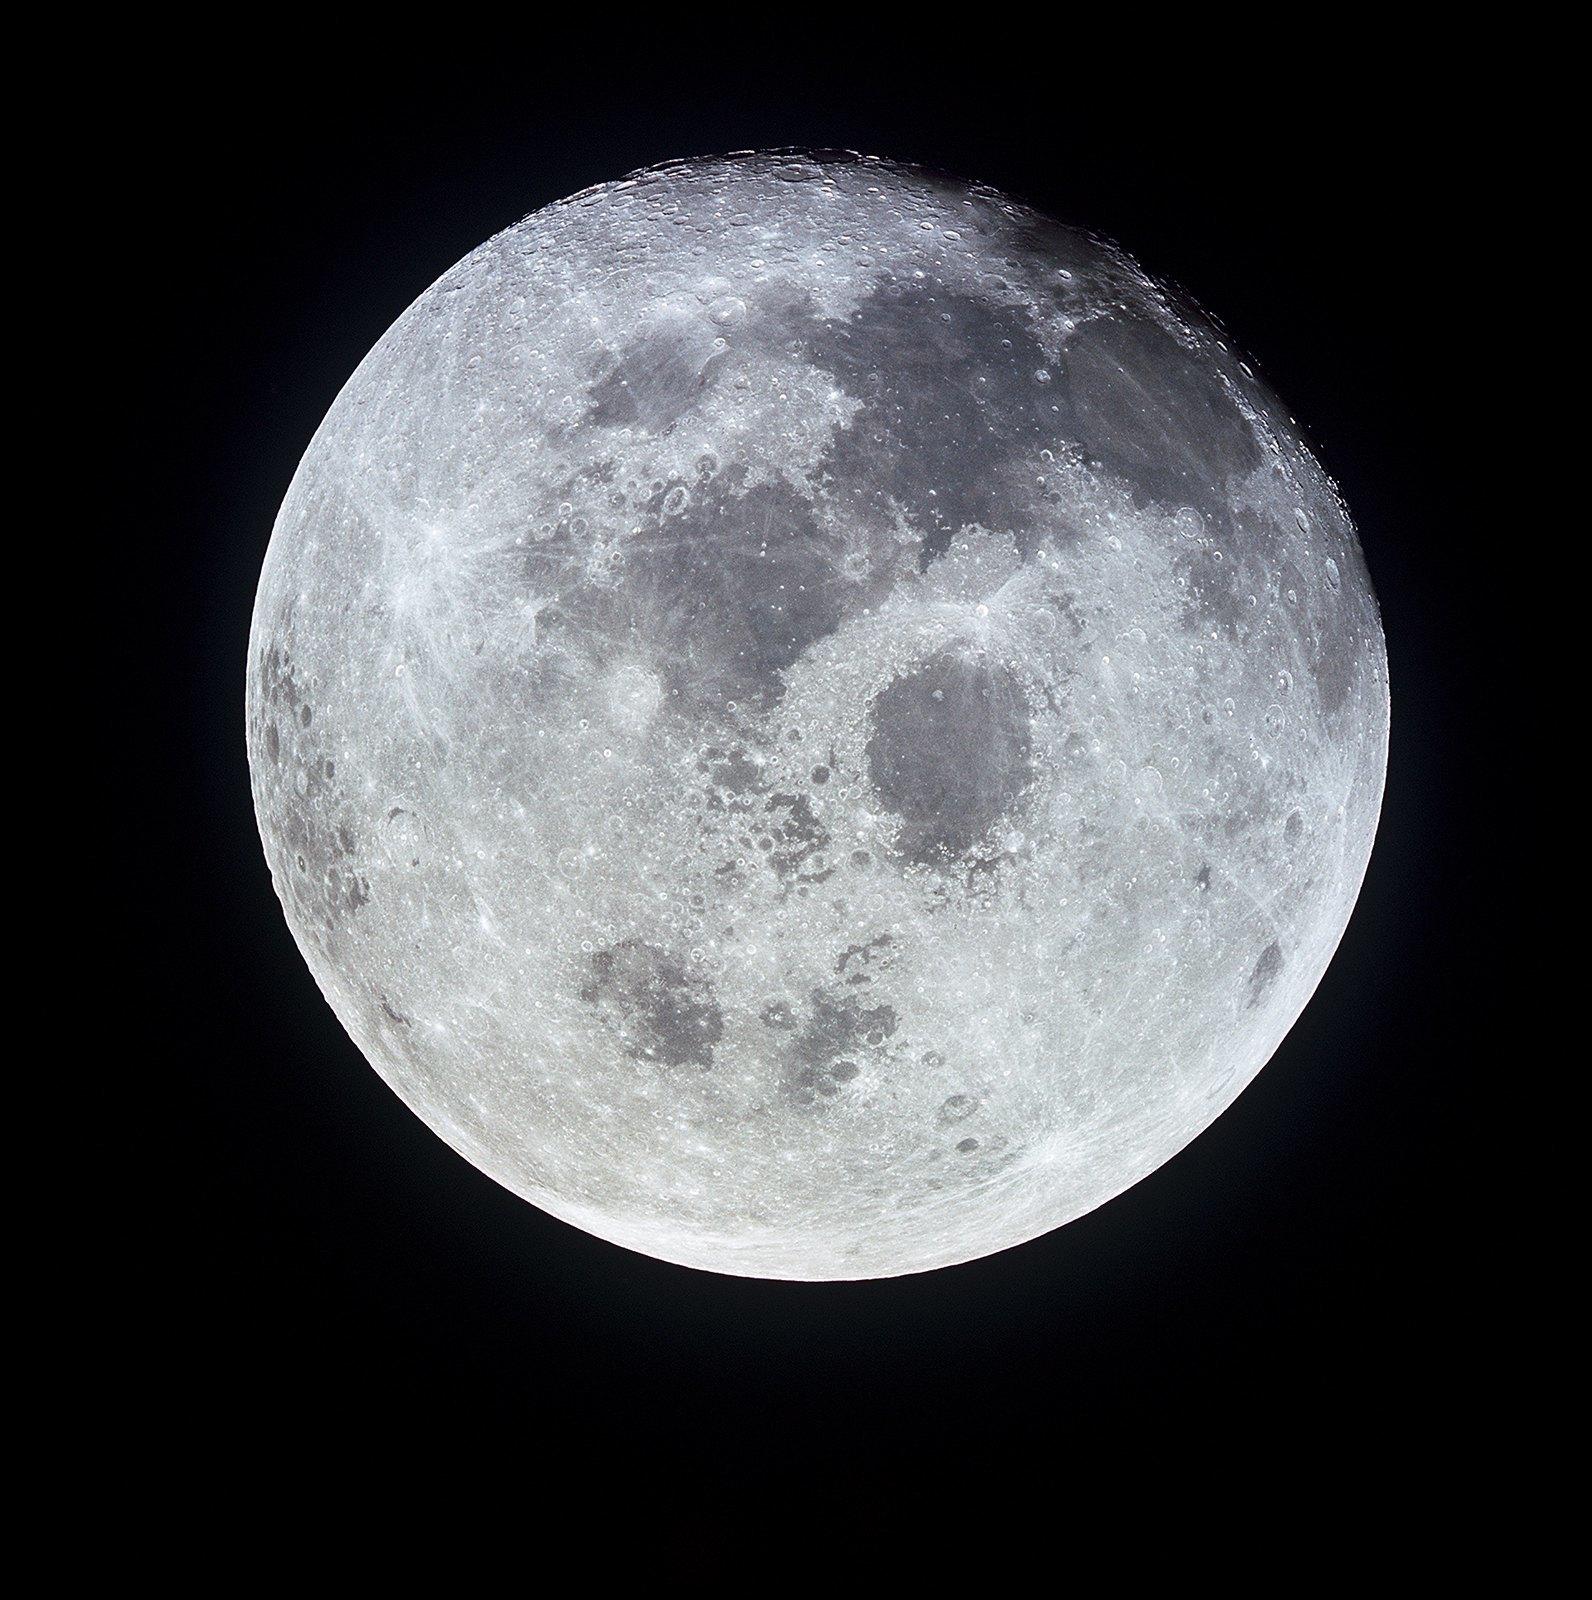 Pleine lune vue du vaisseau Apollo 11 durant le transfer retour vers notre Terre © NASA -as11-44-6667 - 21 Juillet 1969